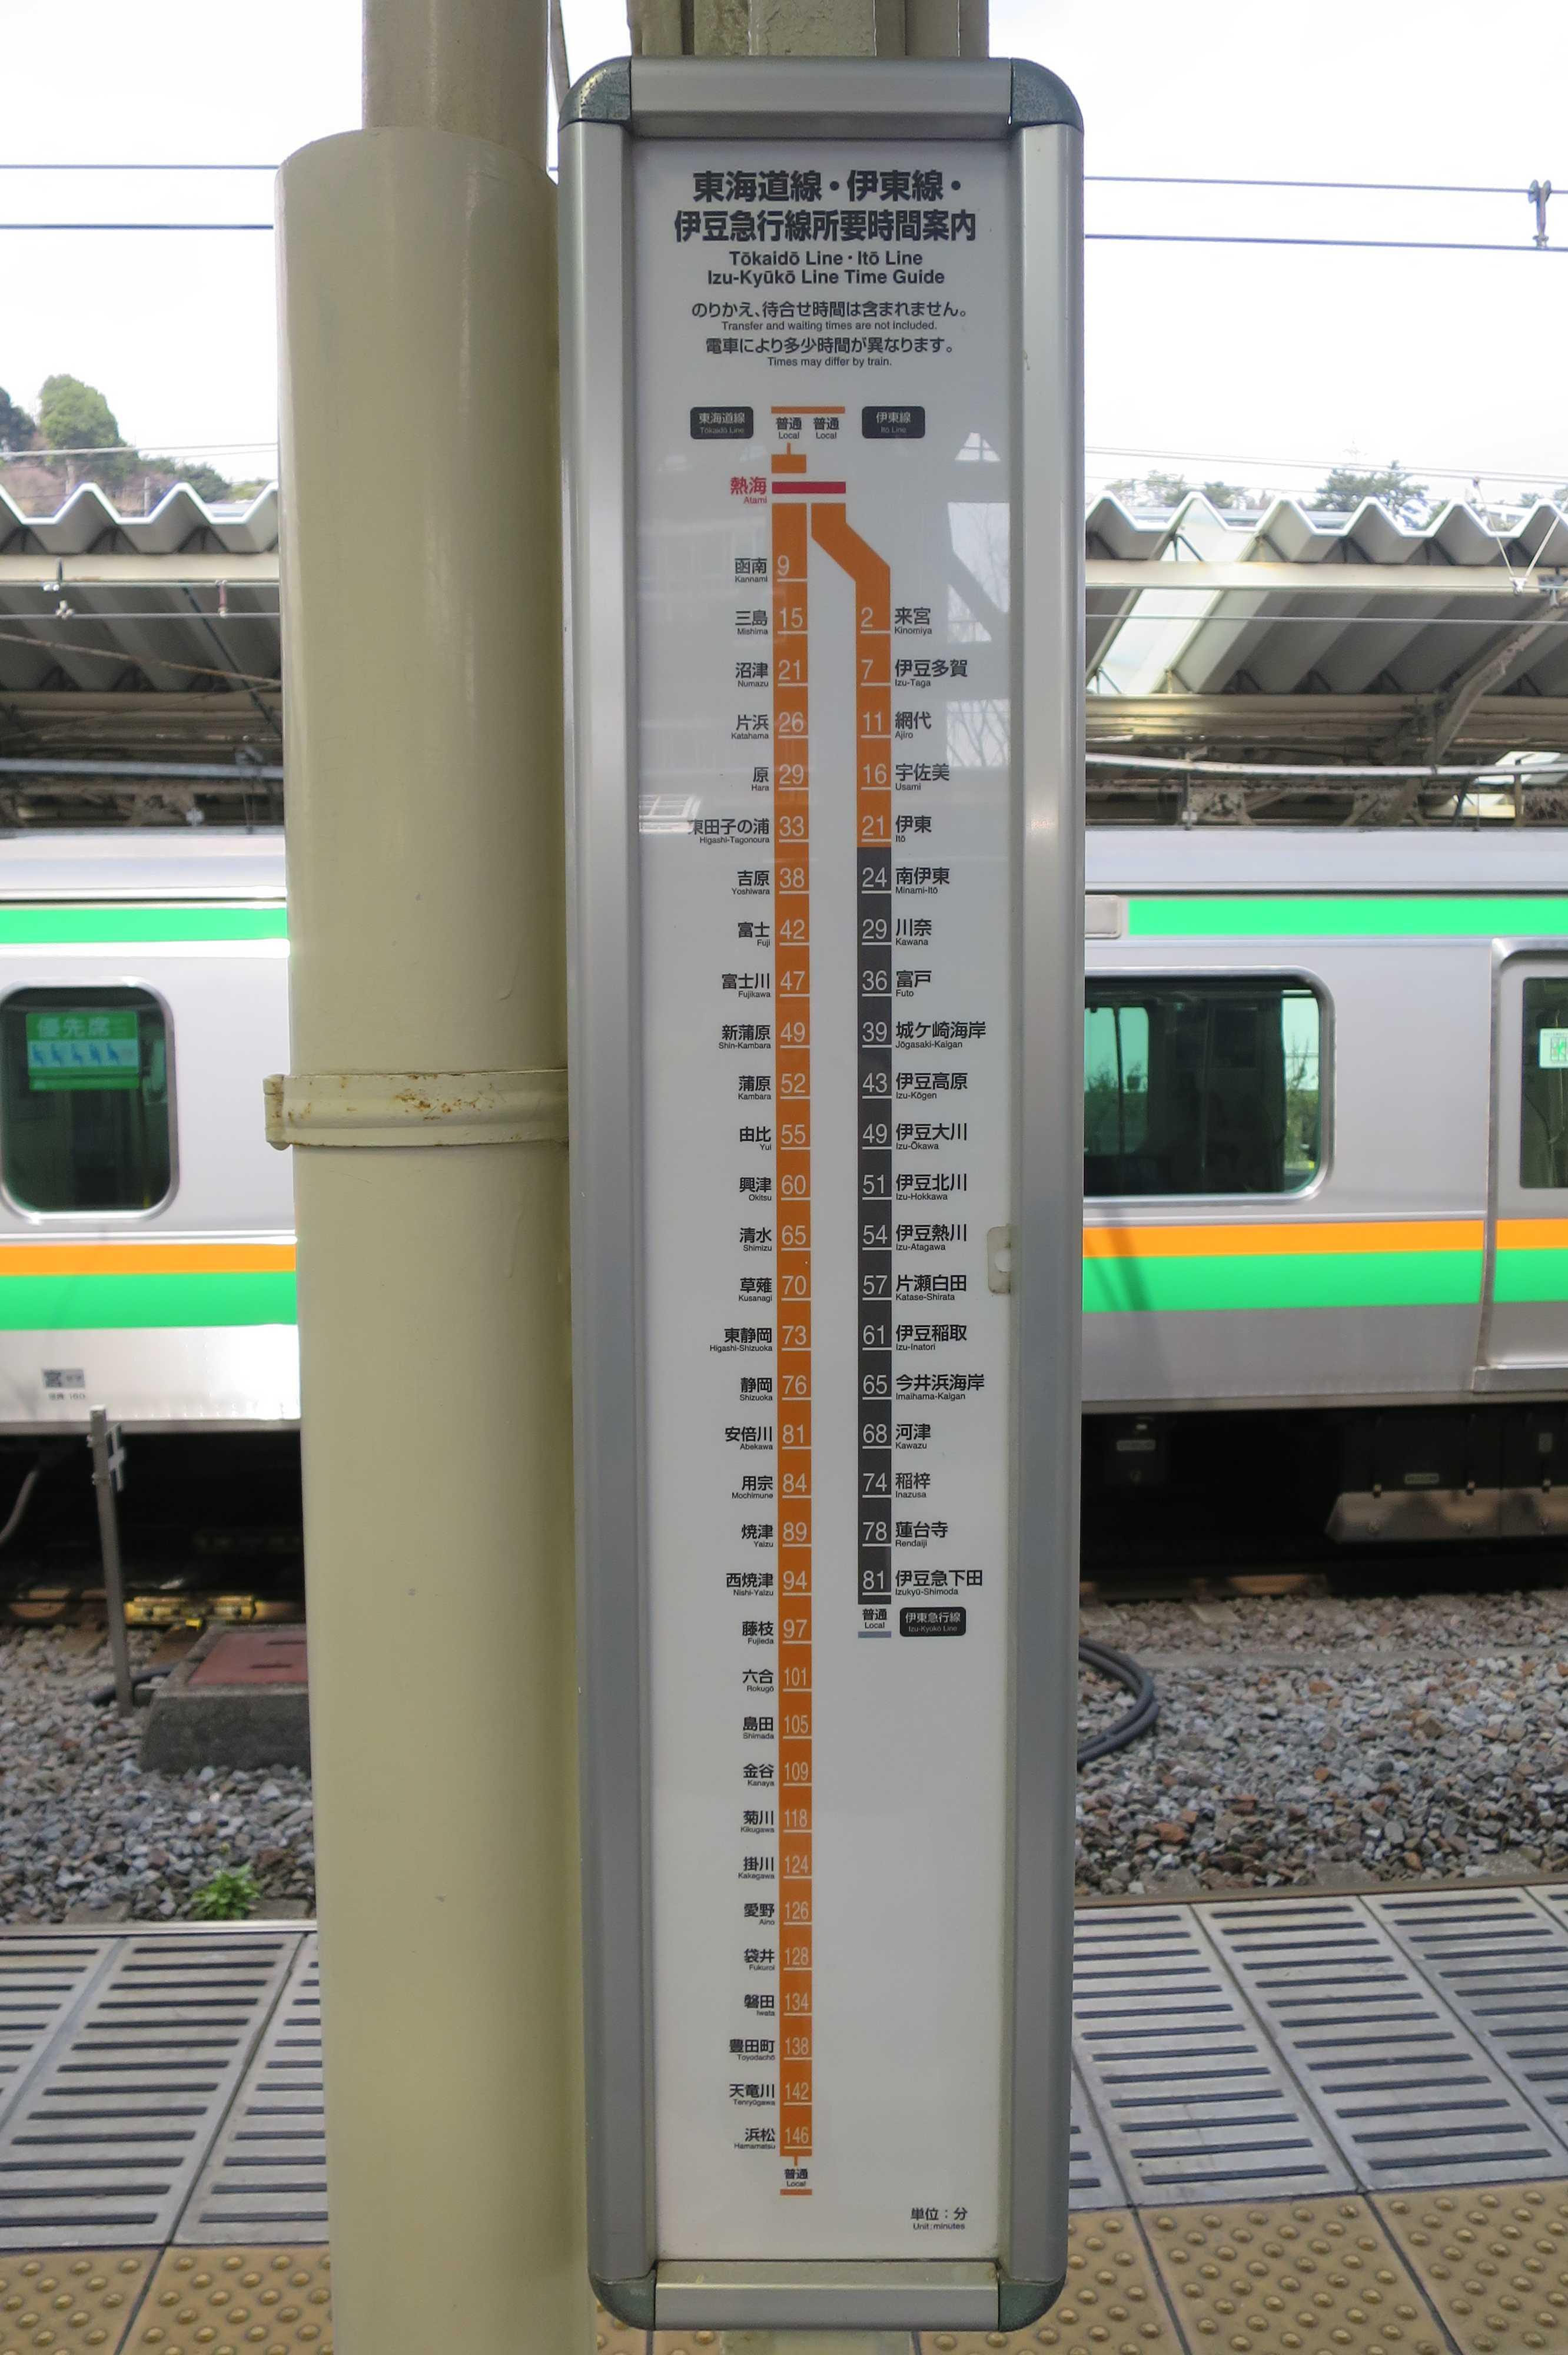 東海道線(熱海~浜松)路線図と所要時間